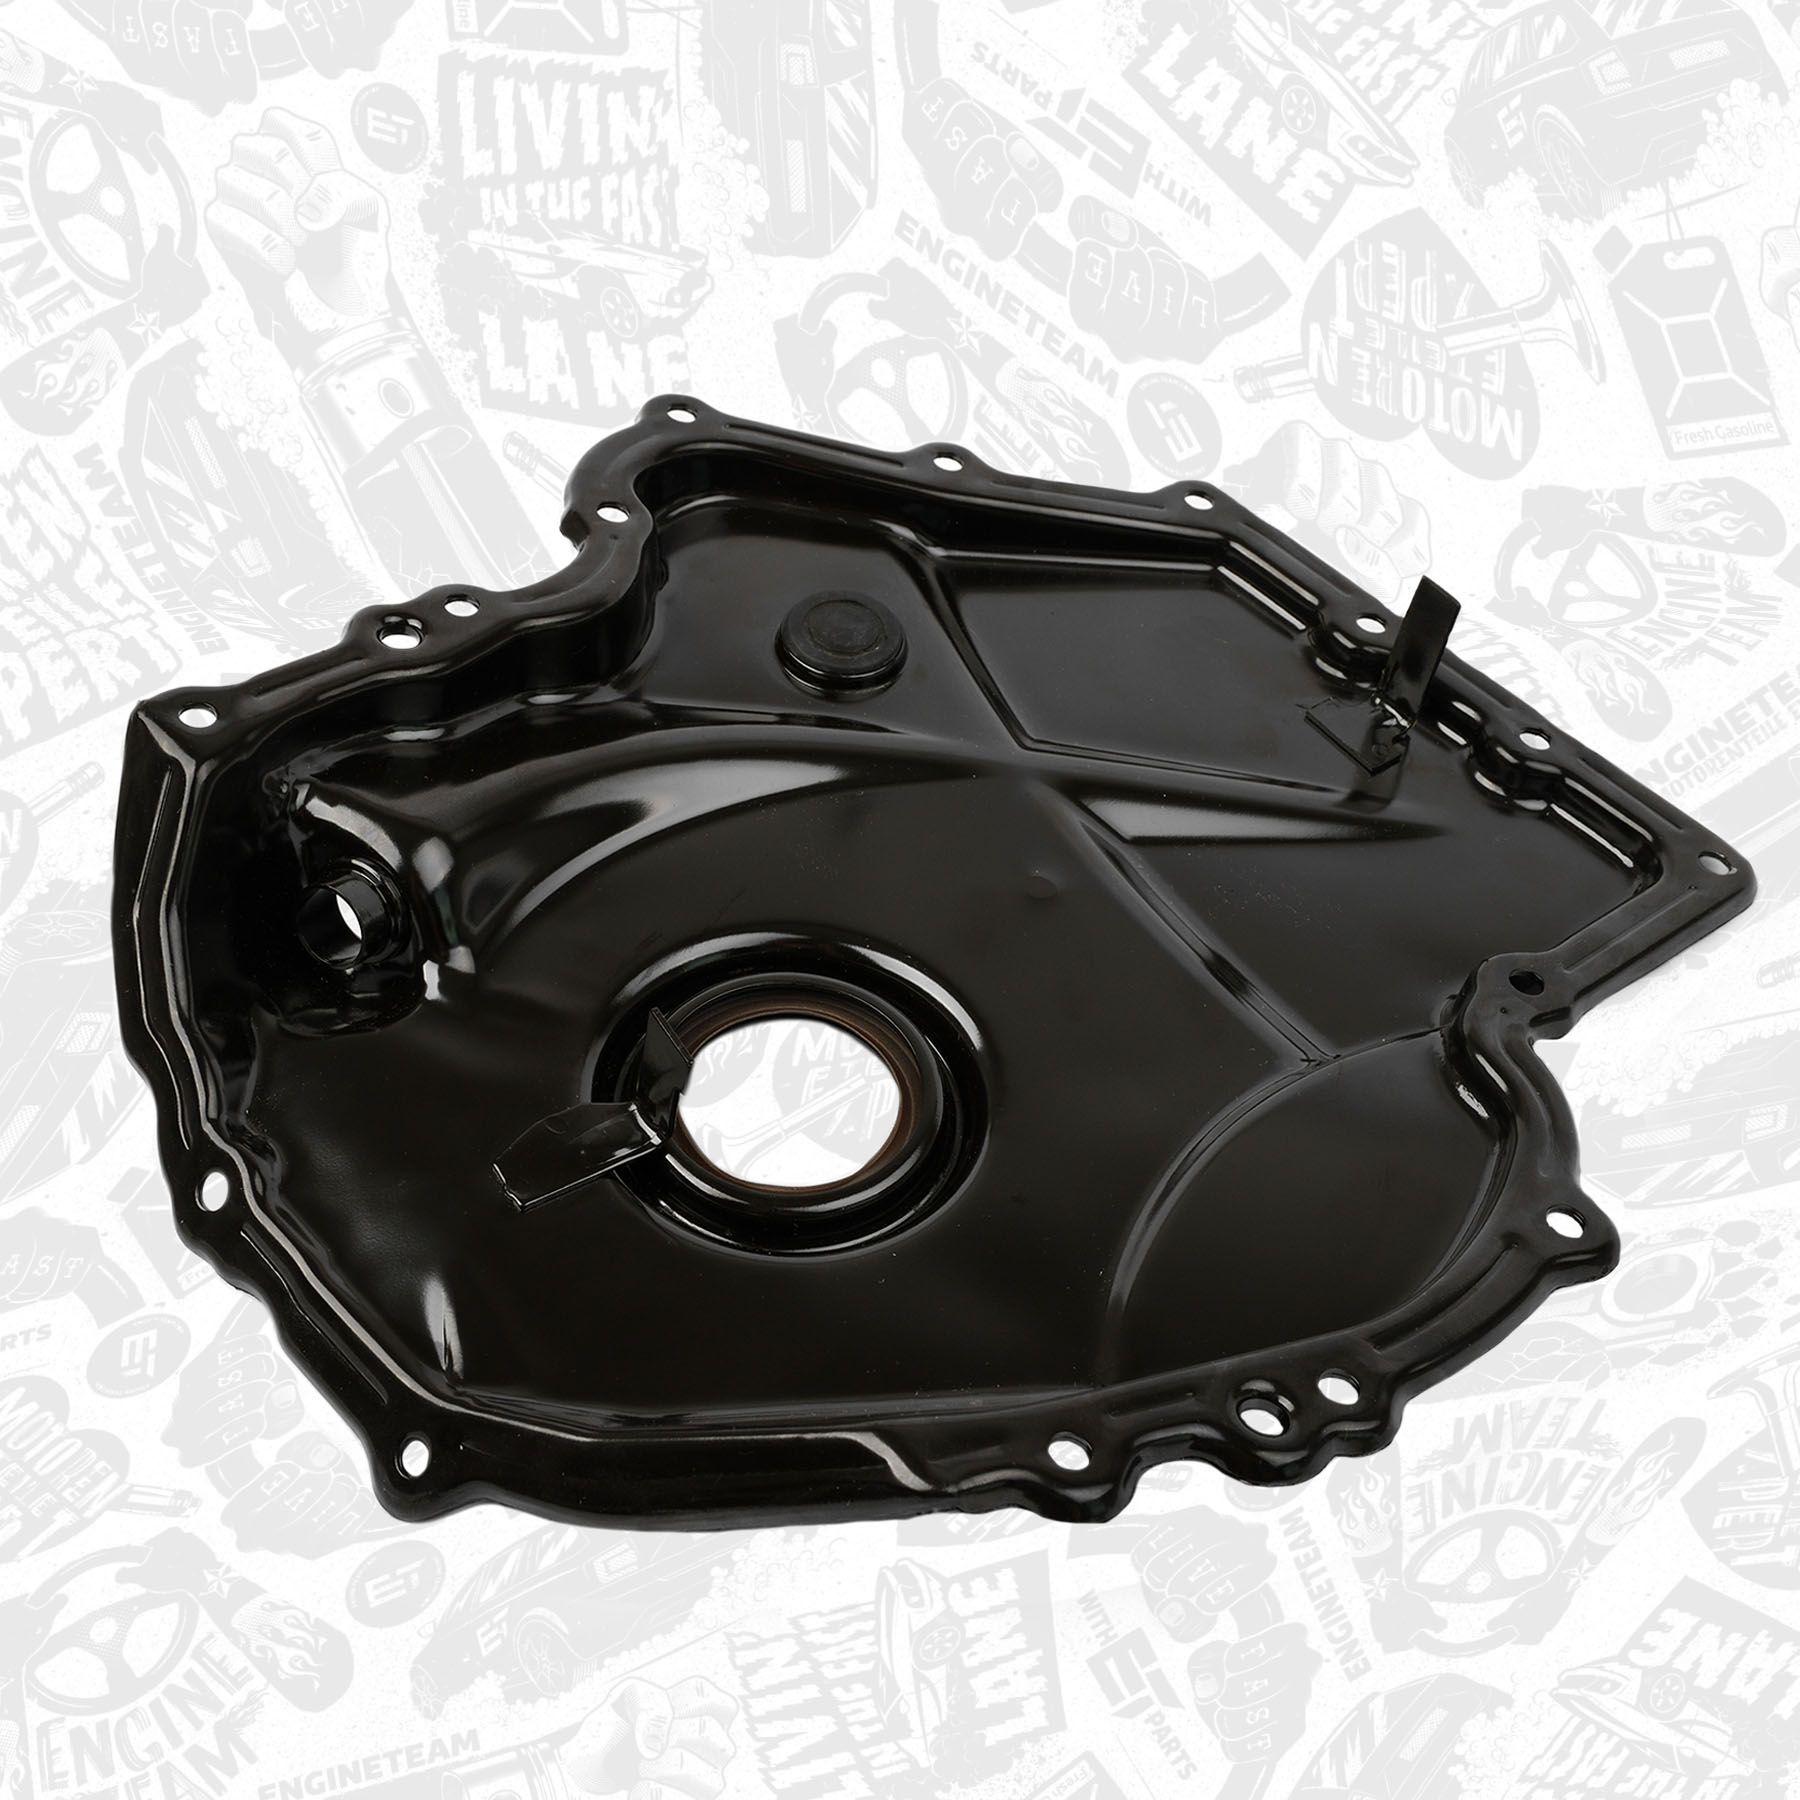 ET ENGINETEAM RS0069 - 224514140899701408997